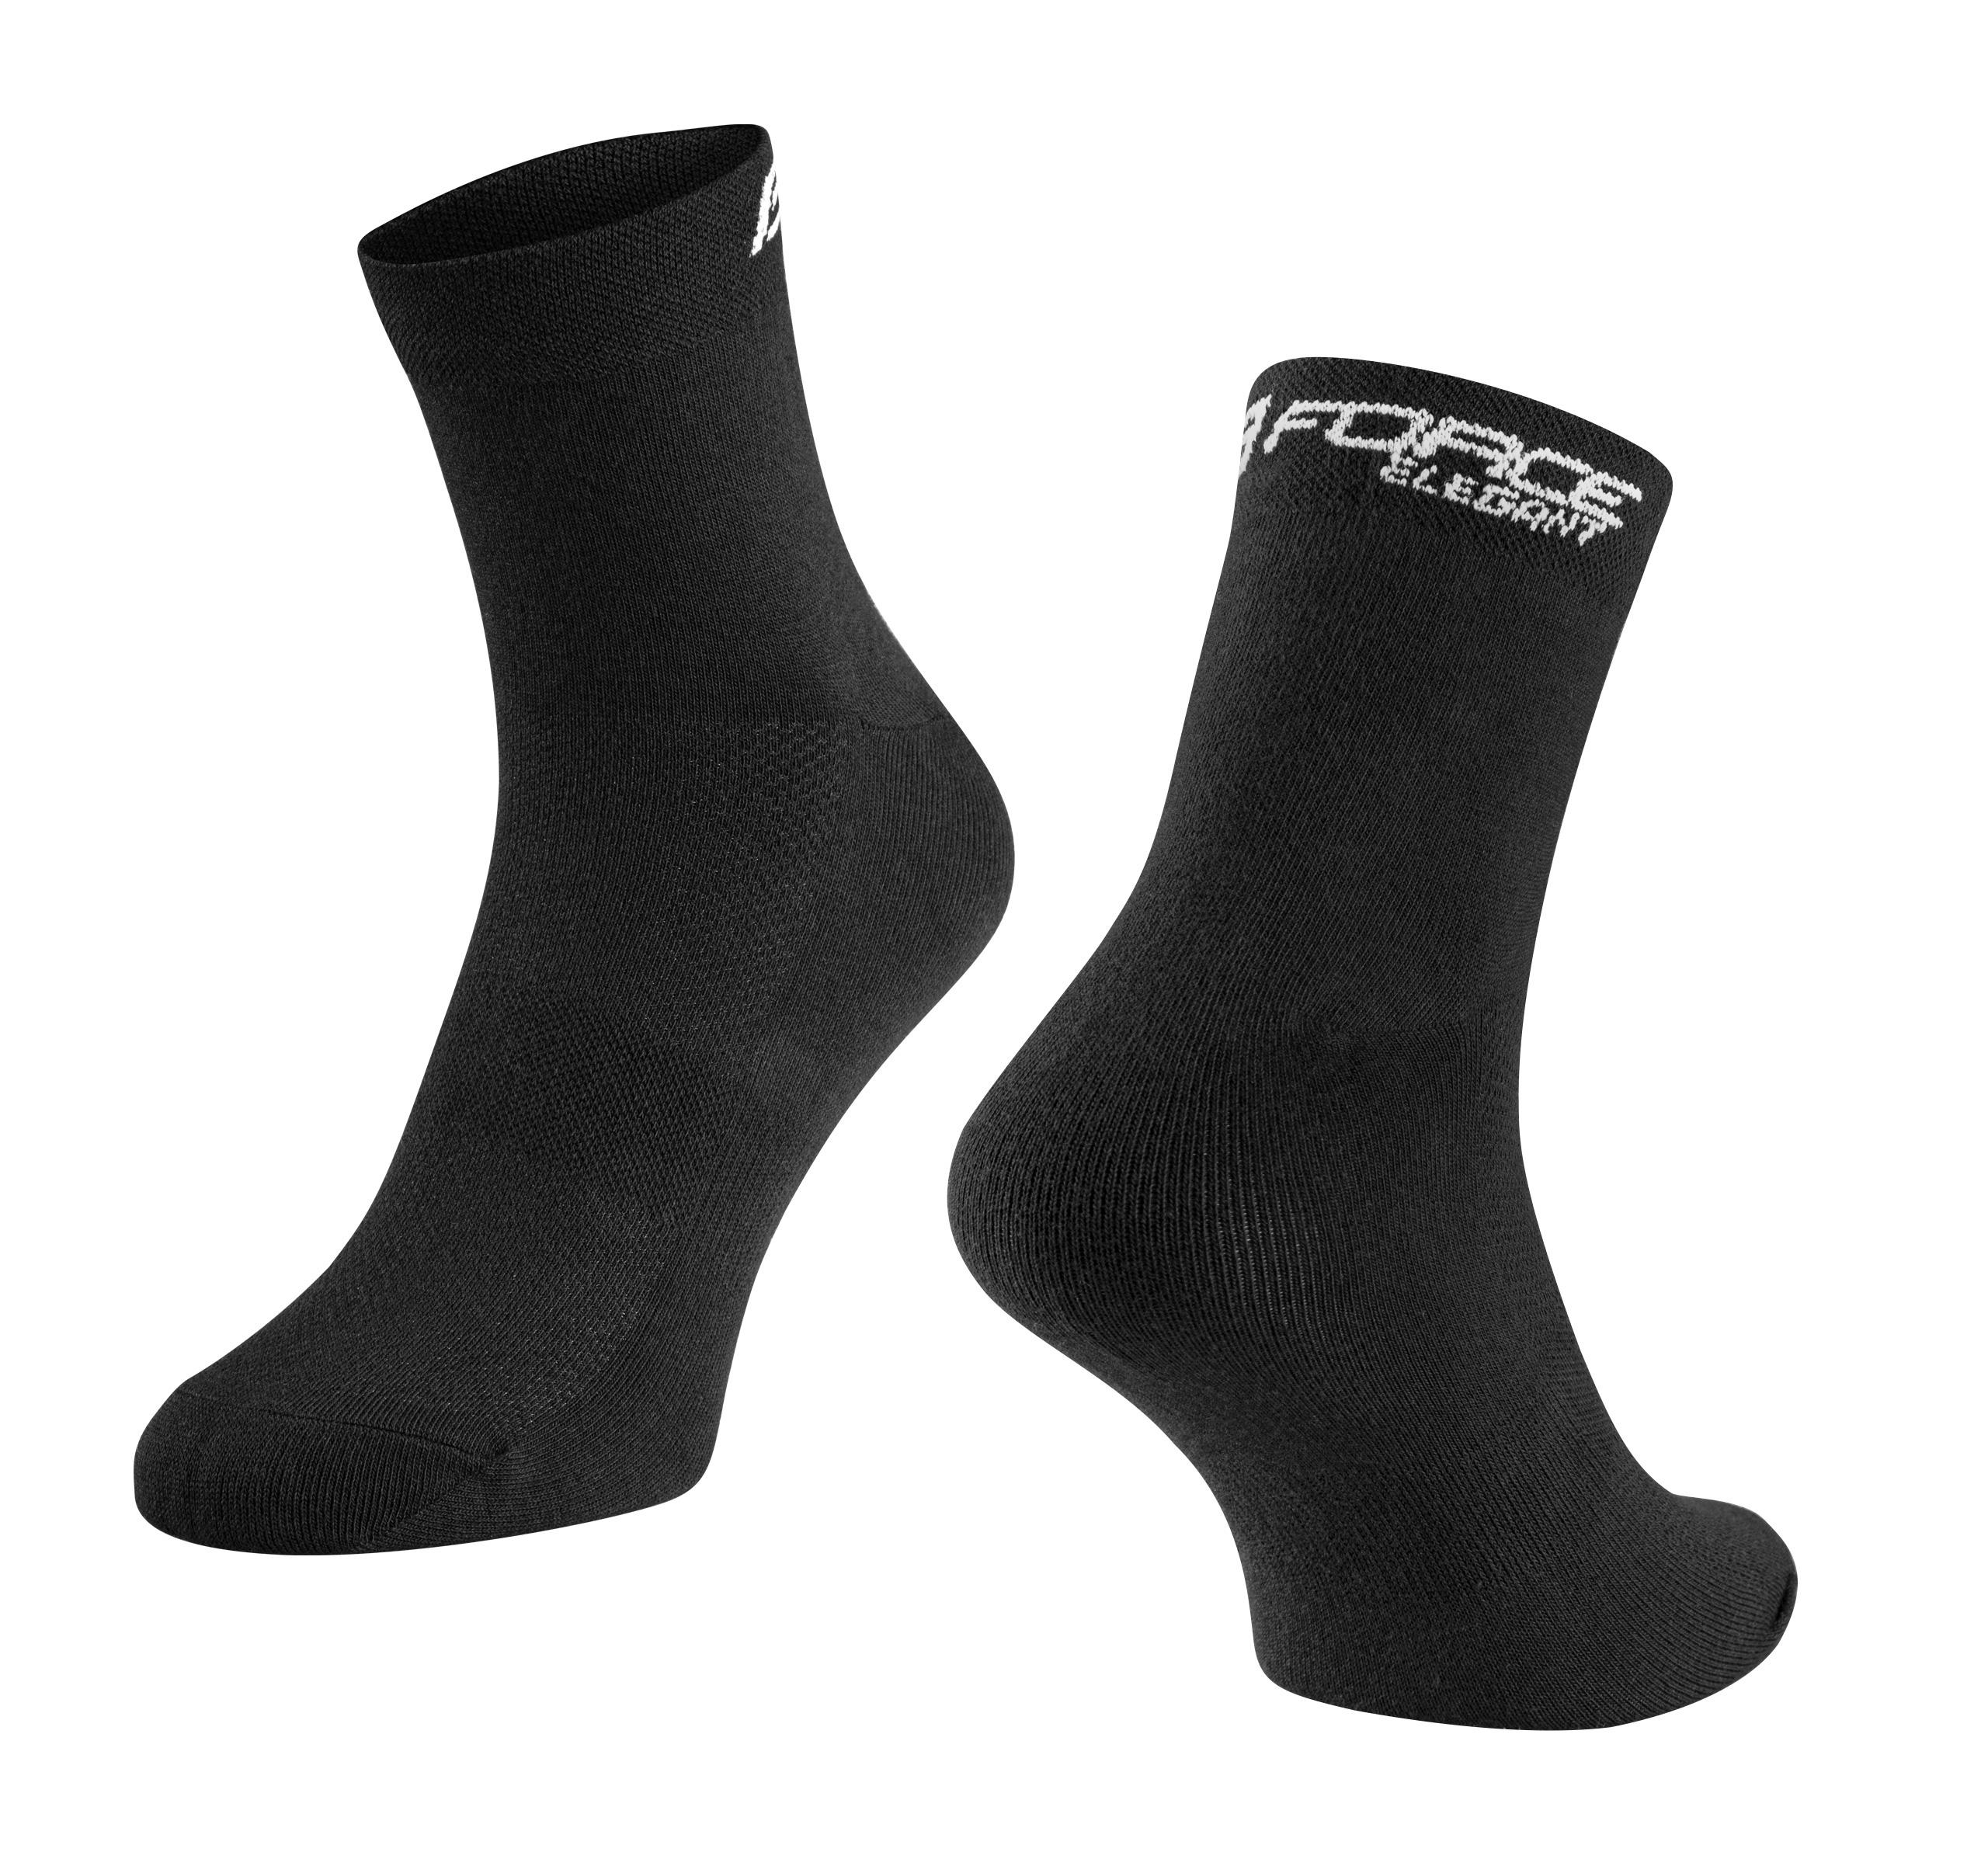 ponožky FORCE ELEGANT nízké, černé L-XL/42-46